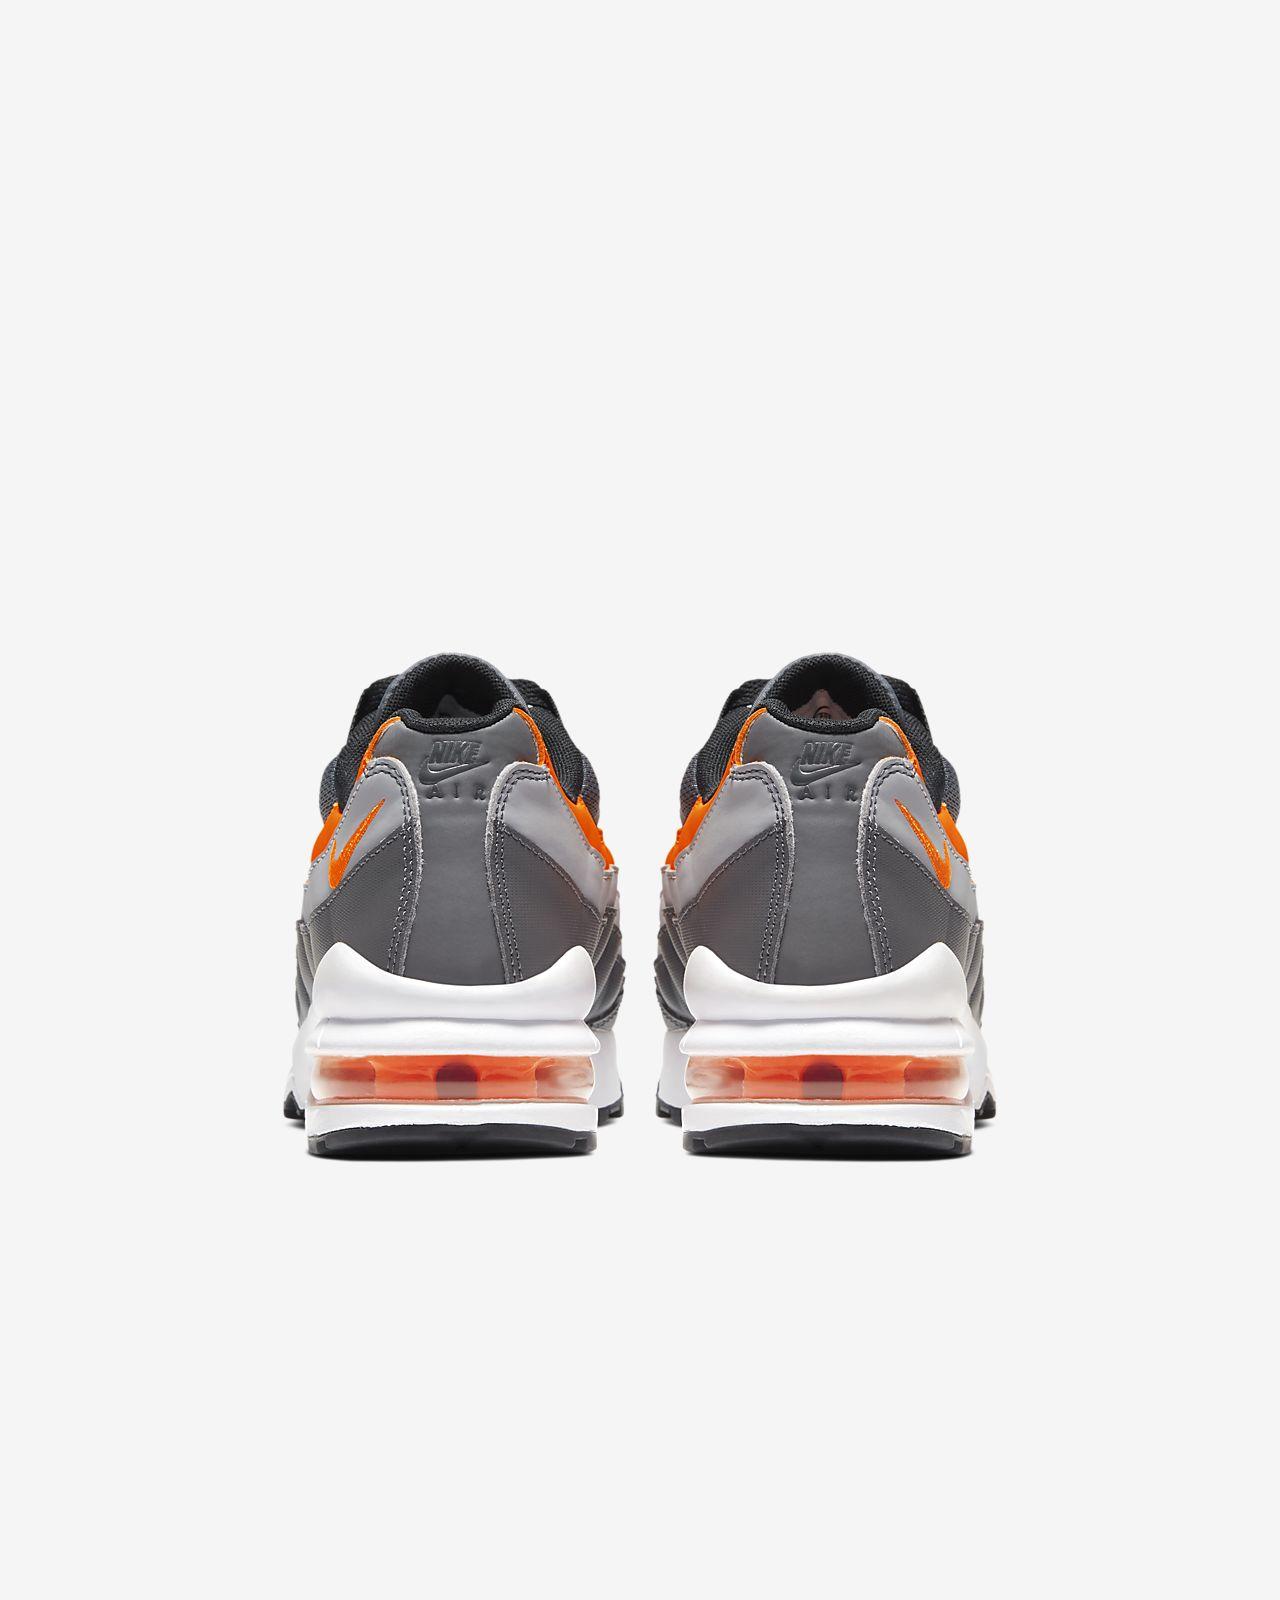 Nike Air Max 270 BlackWhite Anthracite (GS) (6.5 M US Big Kid 6.5 M US)